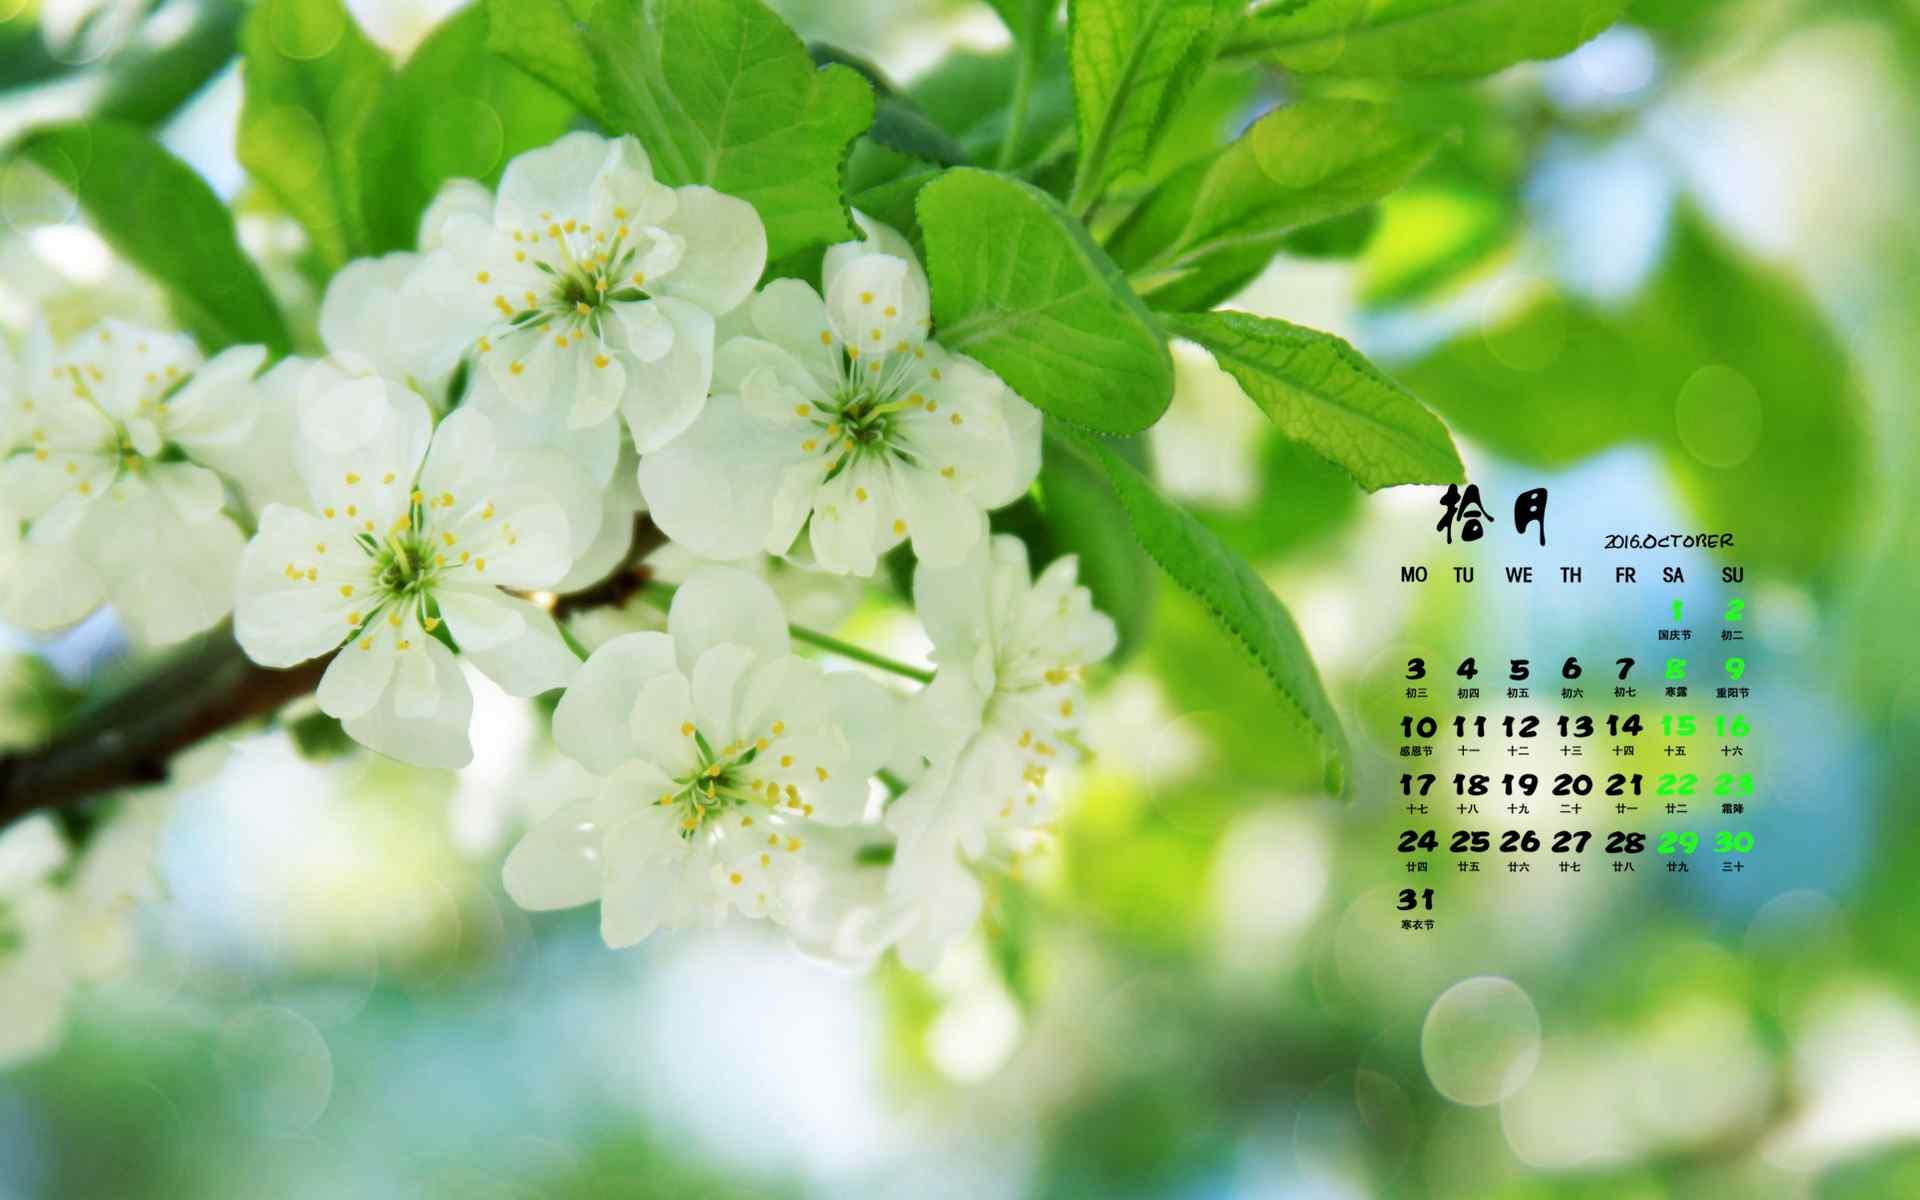 2016年10月日历绿色护眼花卉桌面壁纸